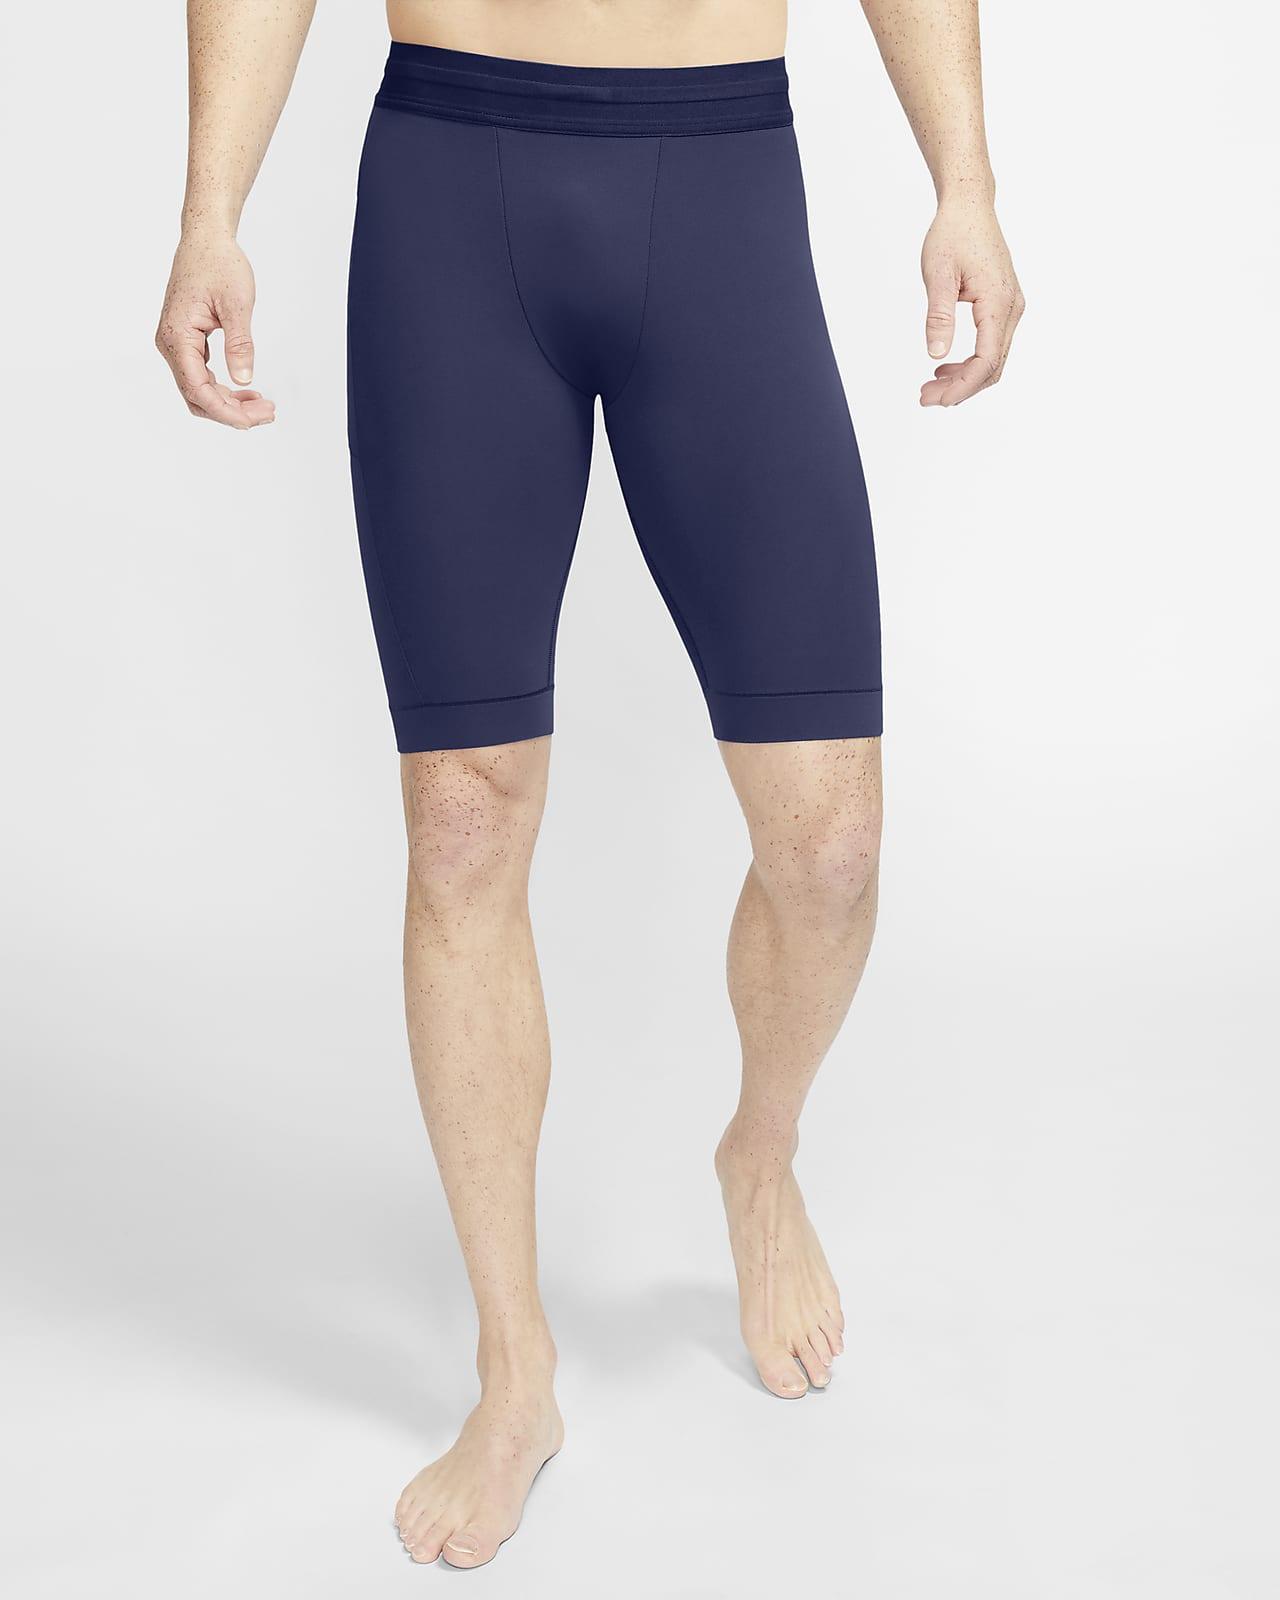 Ανδρικό σορτς Infinalon Nike Yoga Dri-FIT